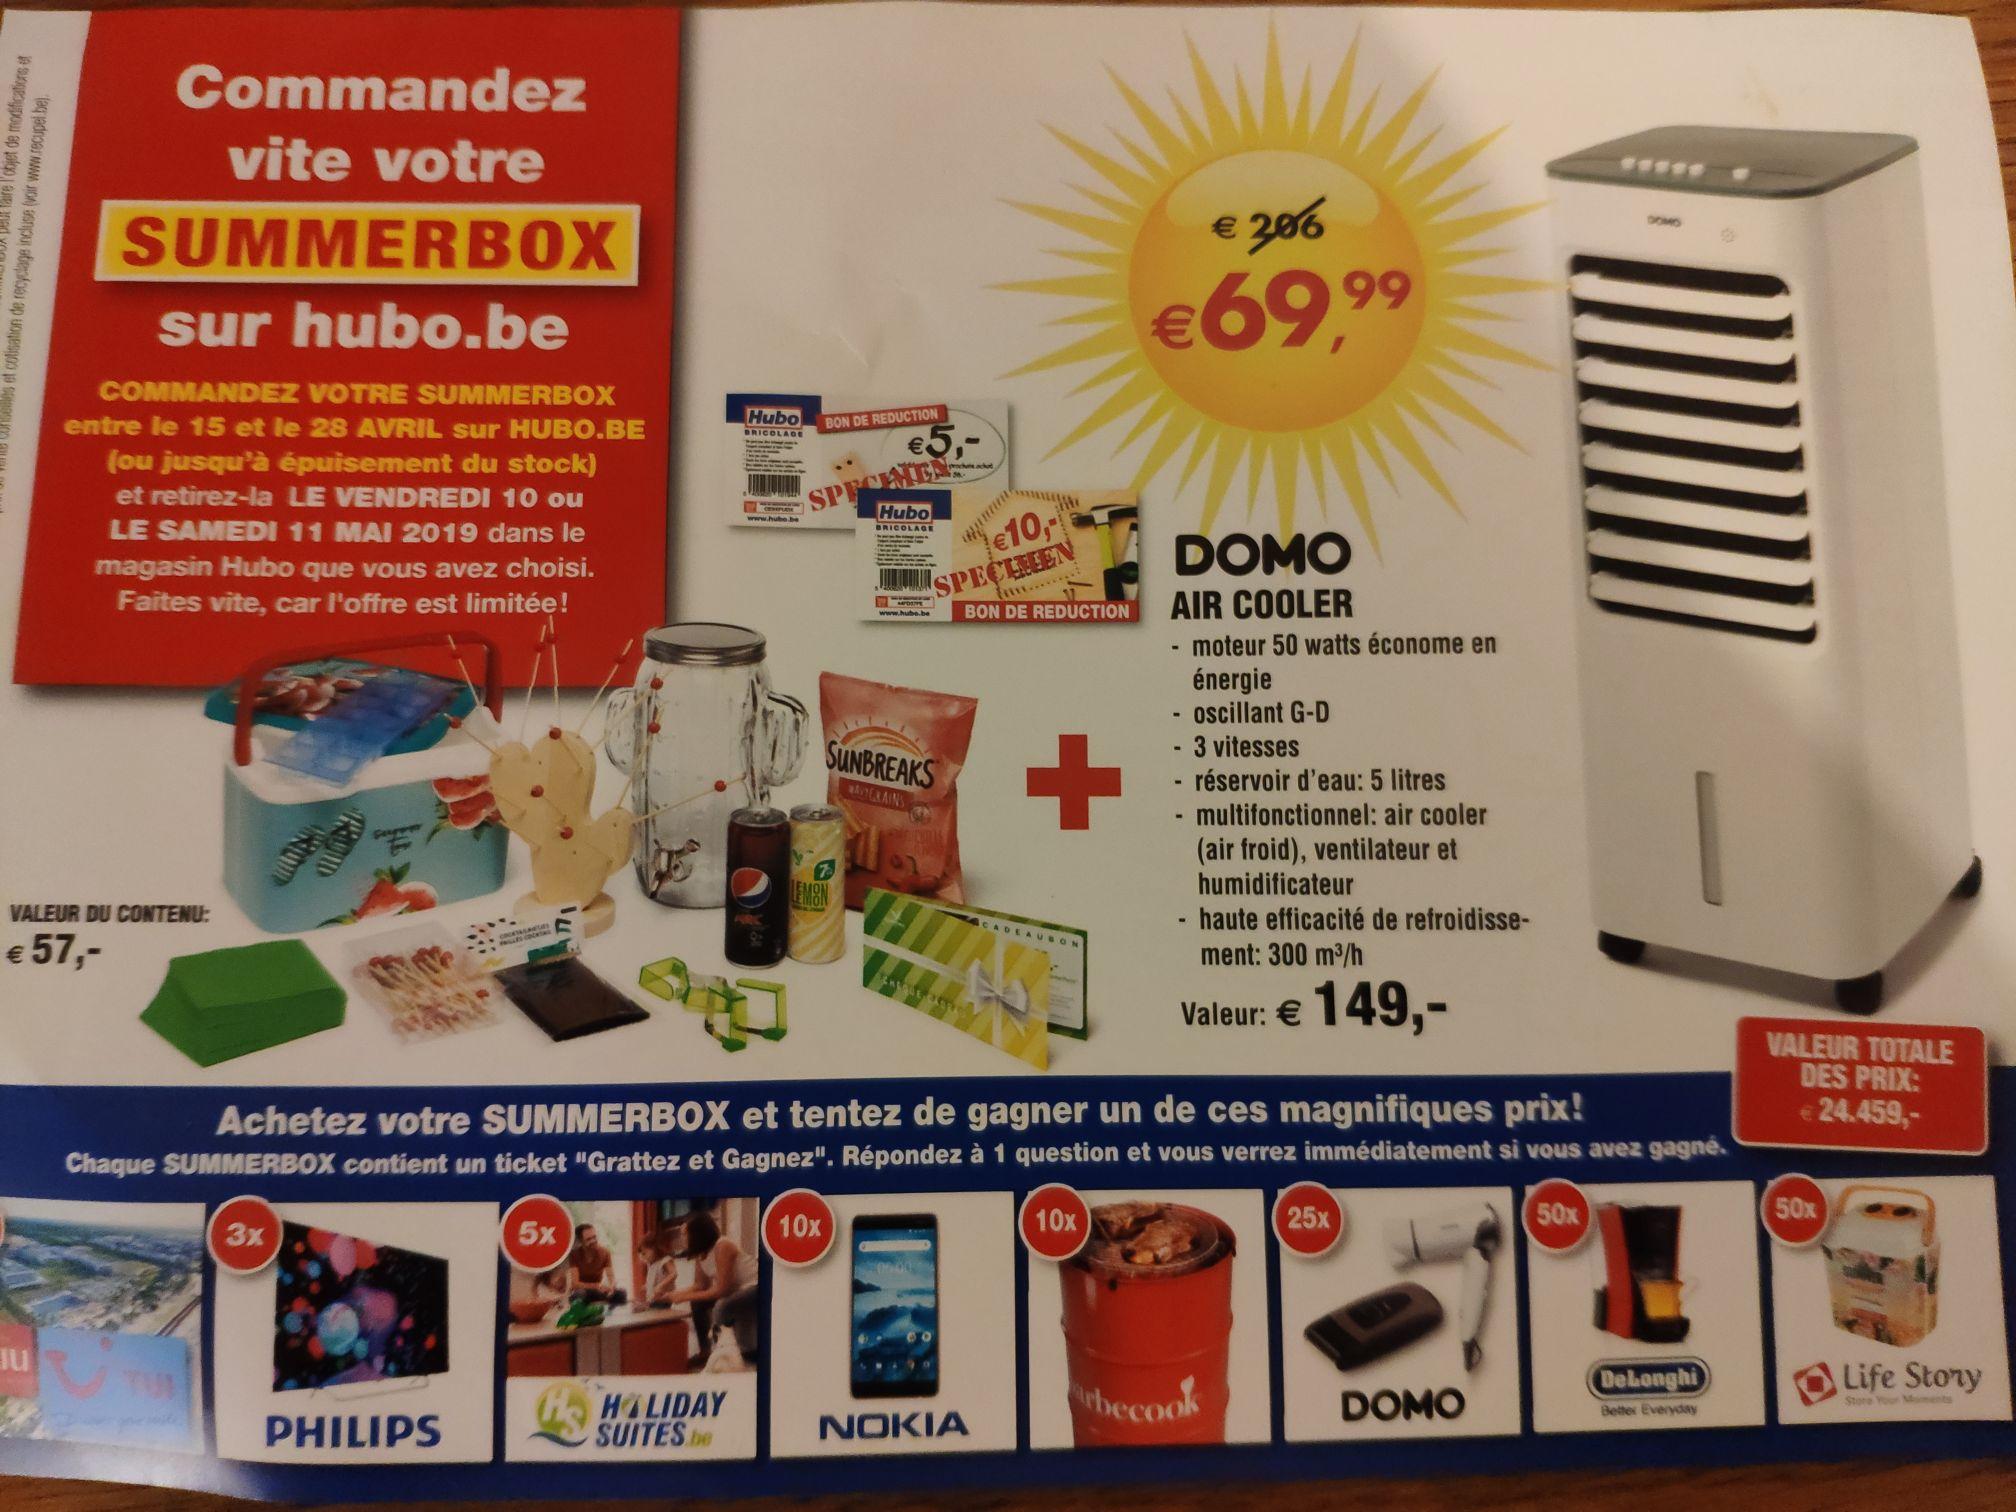 Summer Box (Ventilateur Domo + Ensemble d'articles) - Hubo (Frontaliers Belgique)